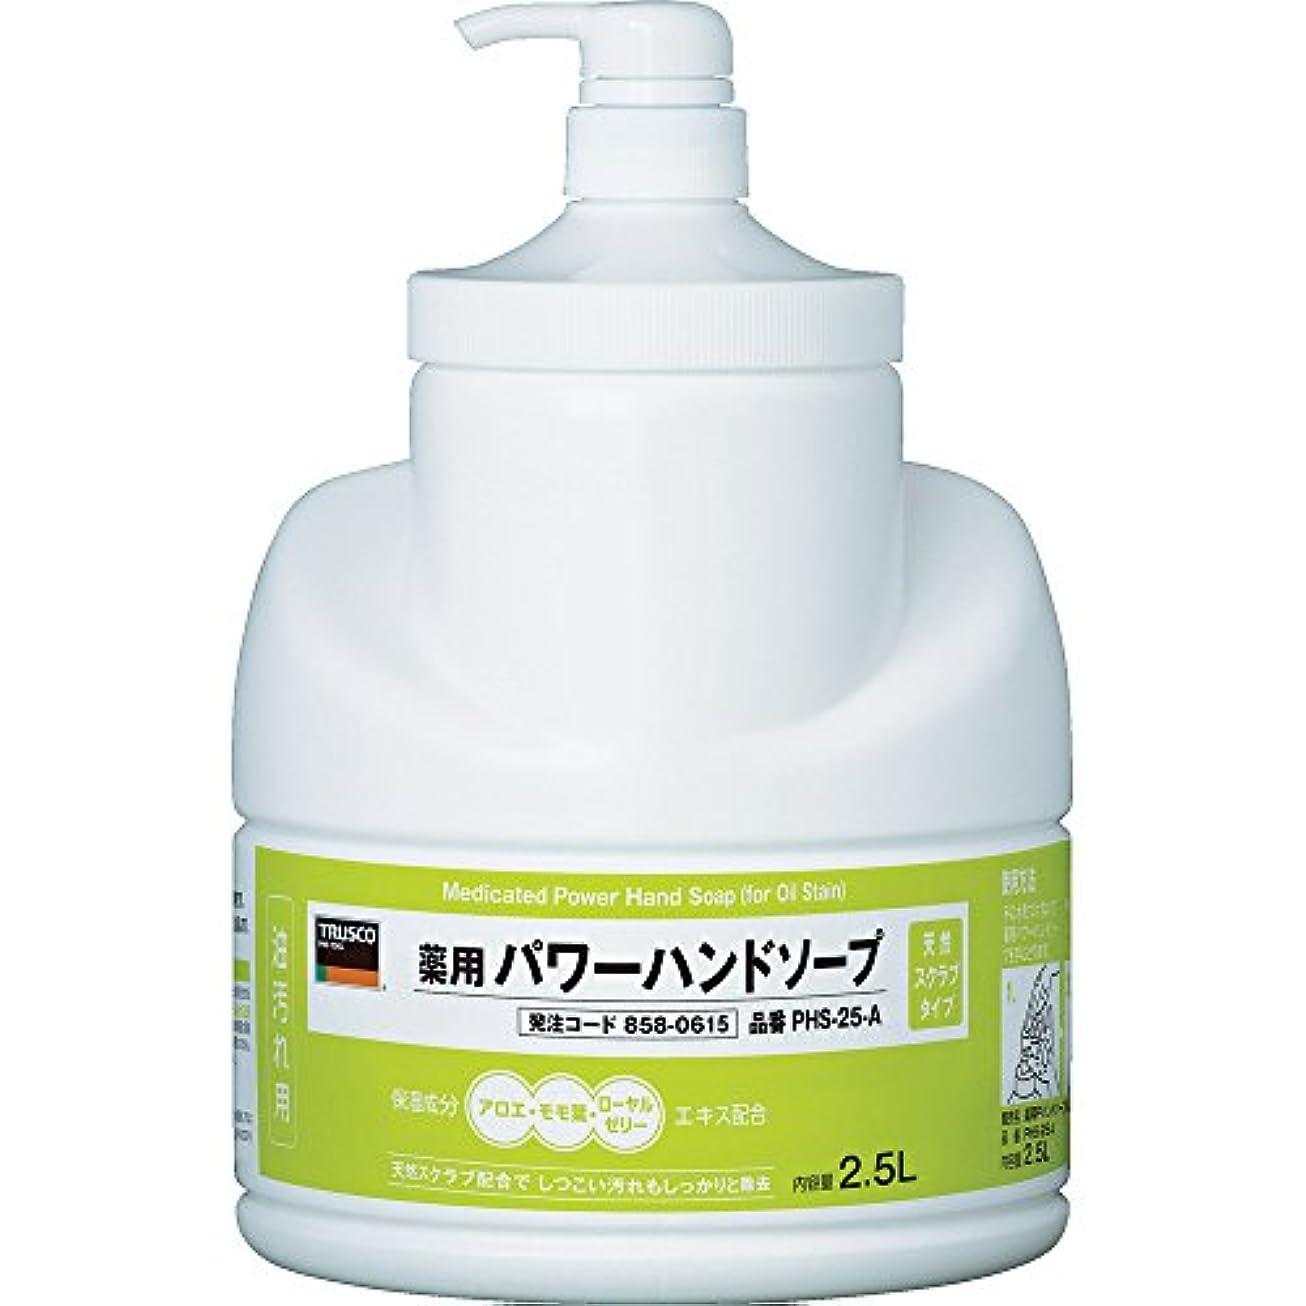 オフ醸造所更新TRUSCO(トラスコ) 薬用パワーハンドソープポンプボトル 2.5L PHS-25-A